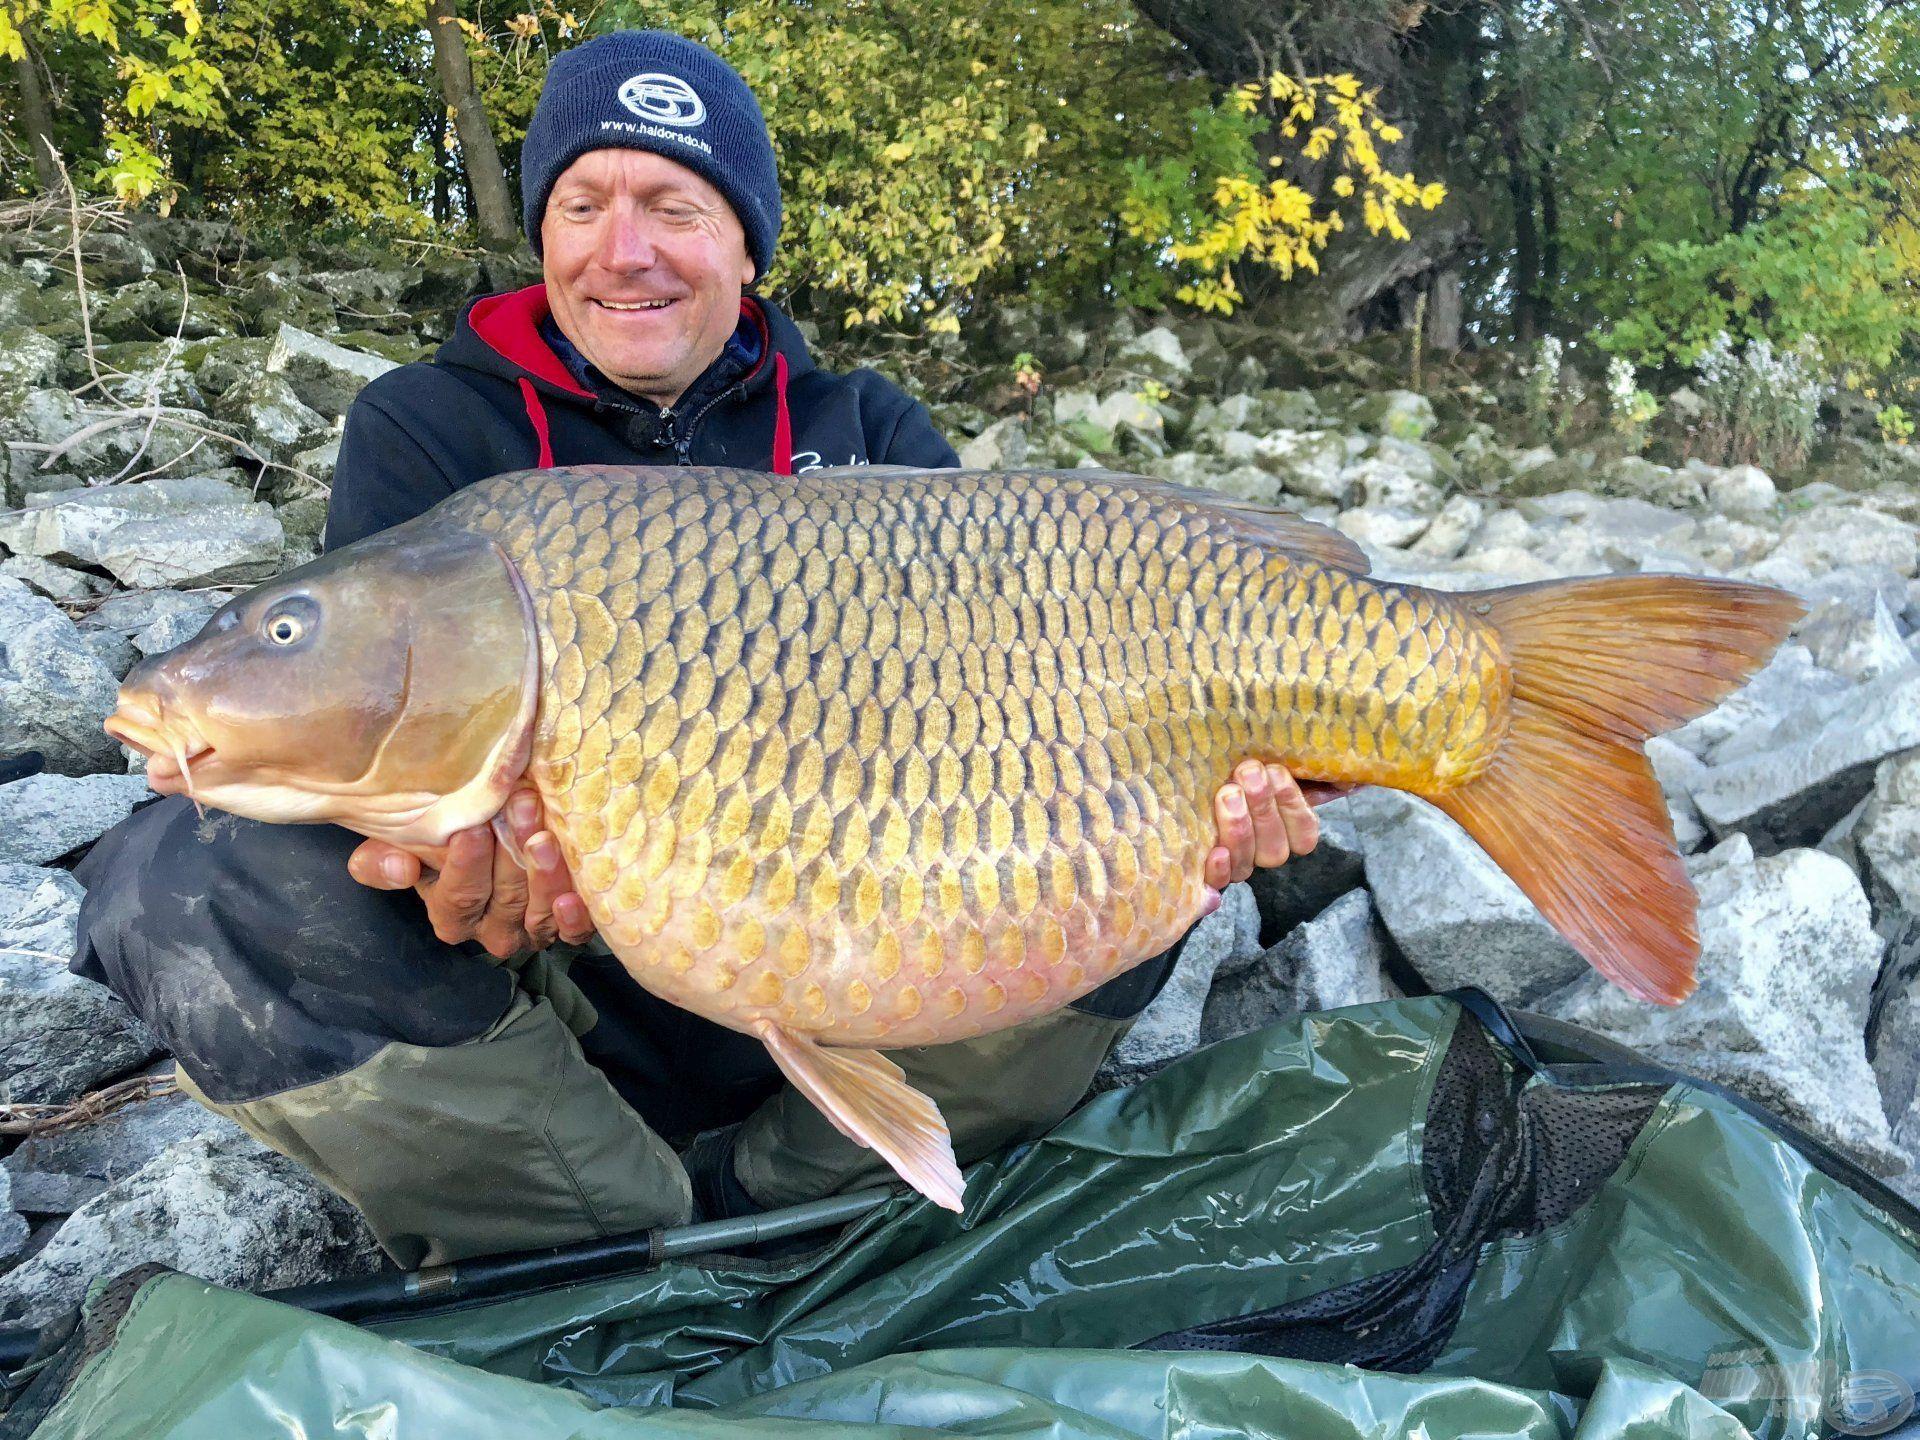 Gábor eredményei magukért beszélnek, számtalan gyönyörű hal díszíti fotóalbumát…